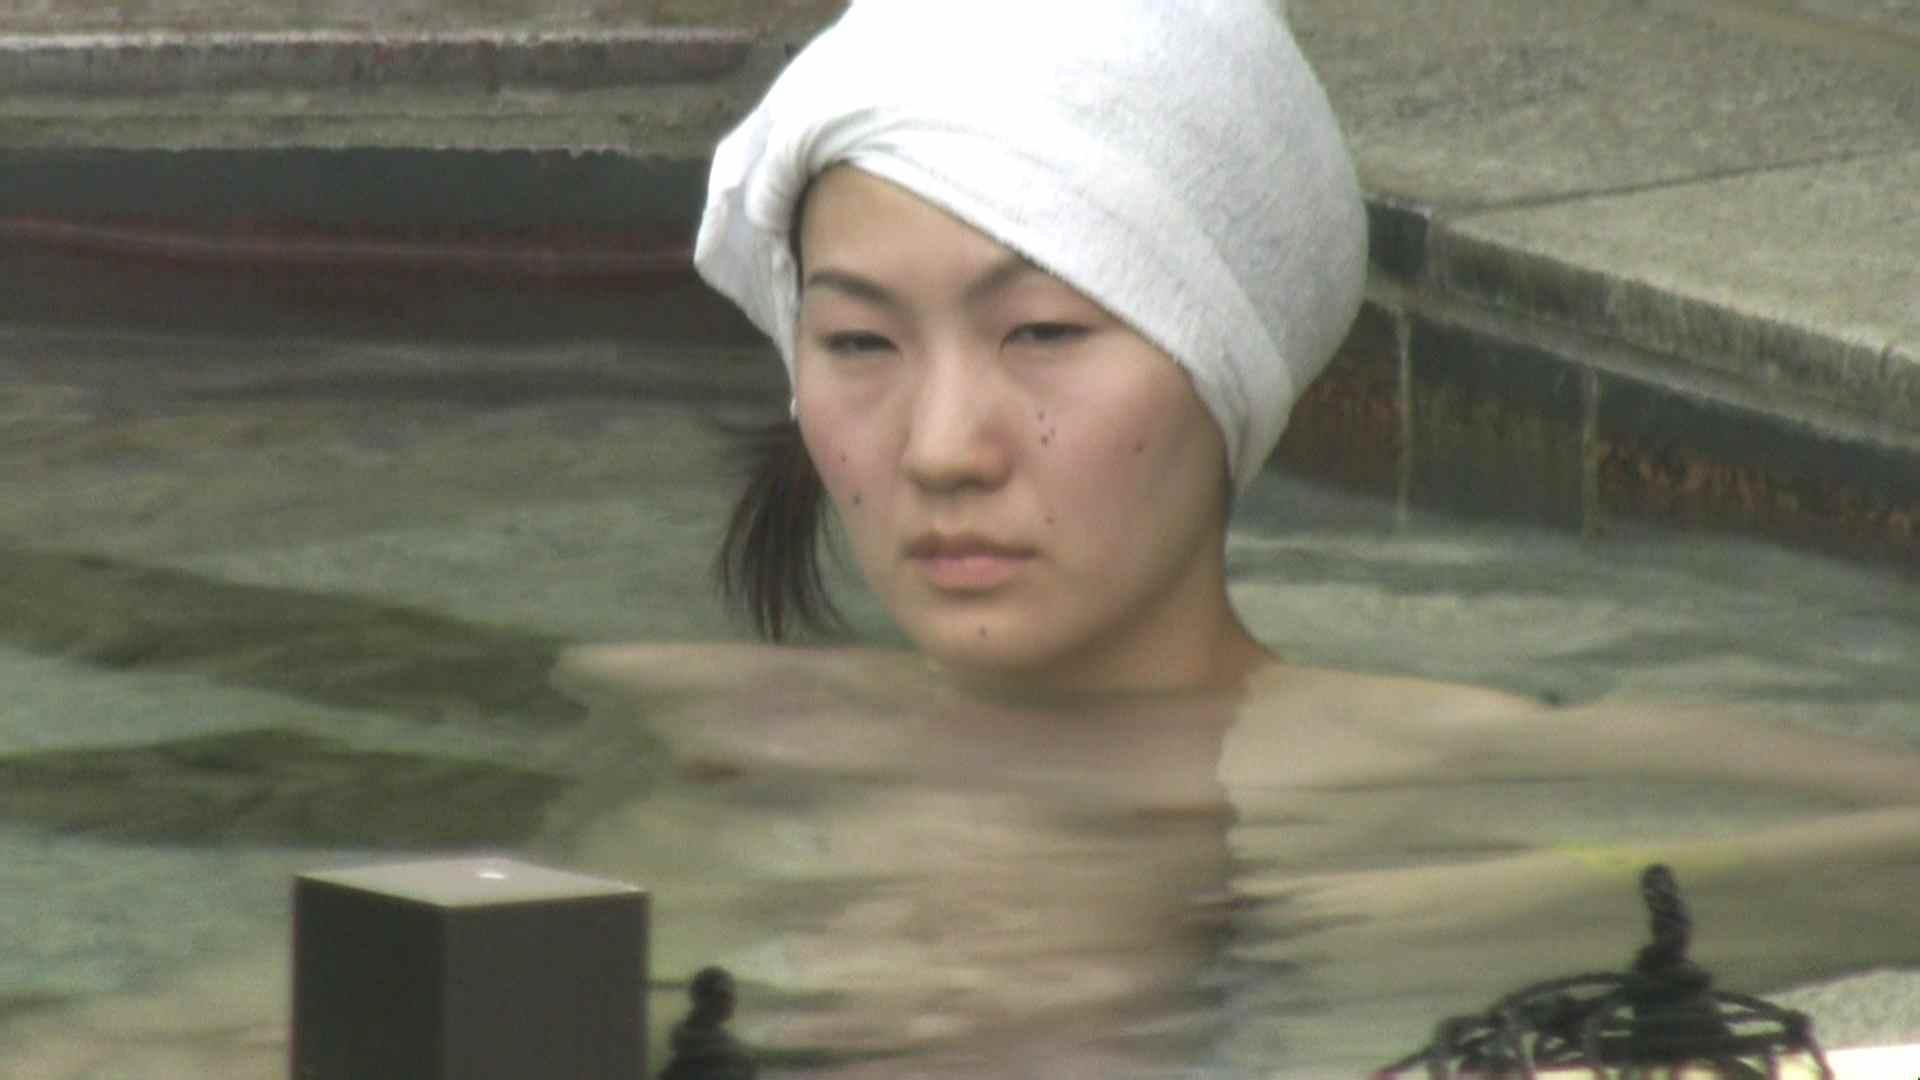 高画質露天女風呂観察 vol.034 入浴隠し撮り ヌード画像 107pic 47